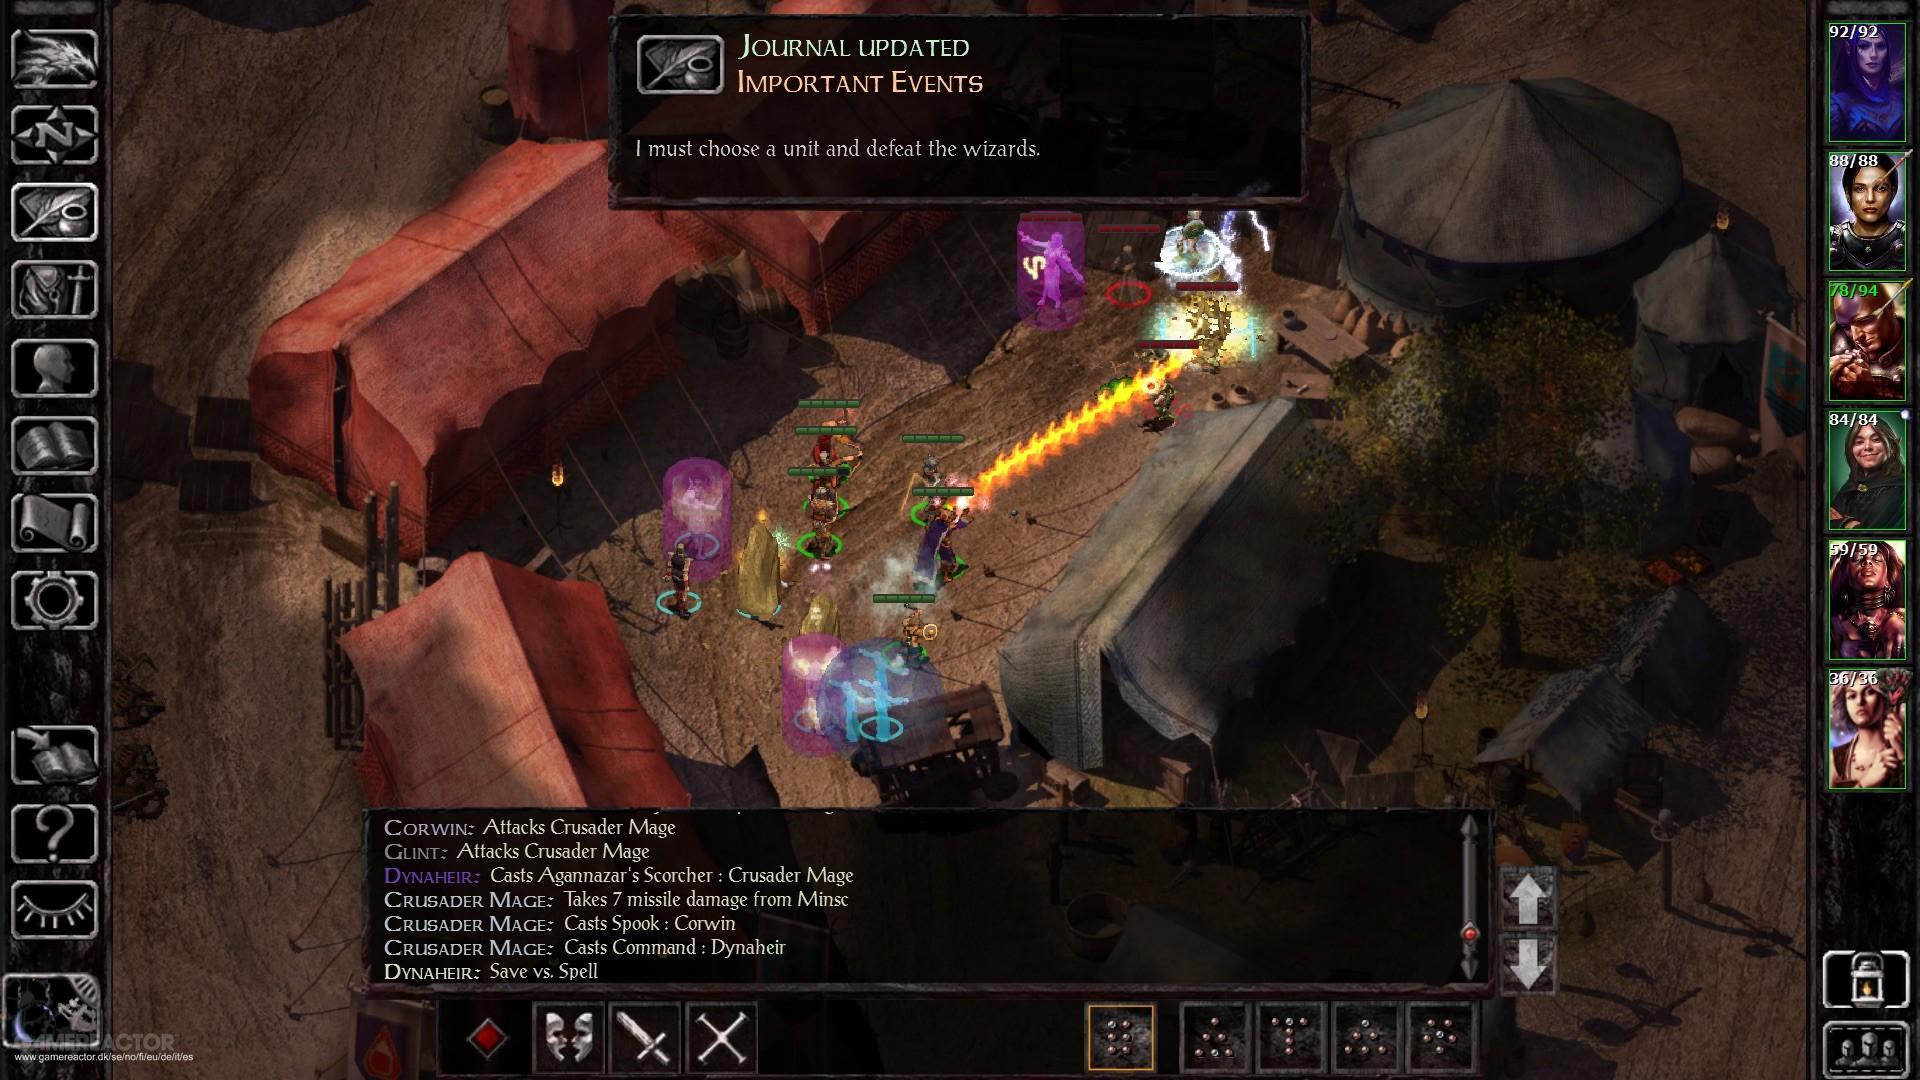 Baldurs Gate Expansion Announced